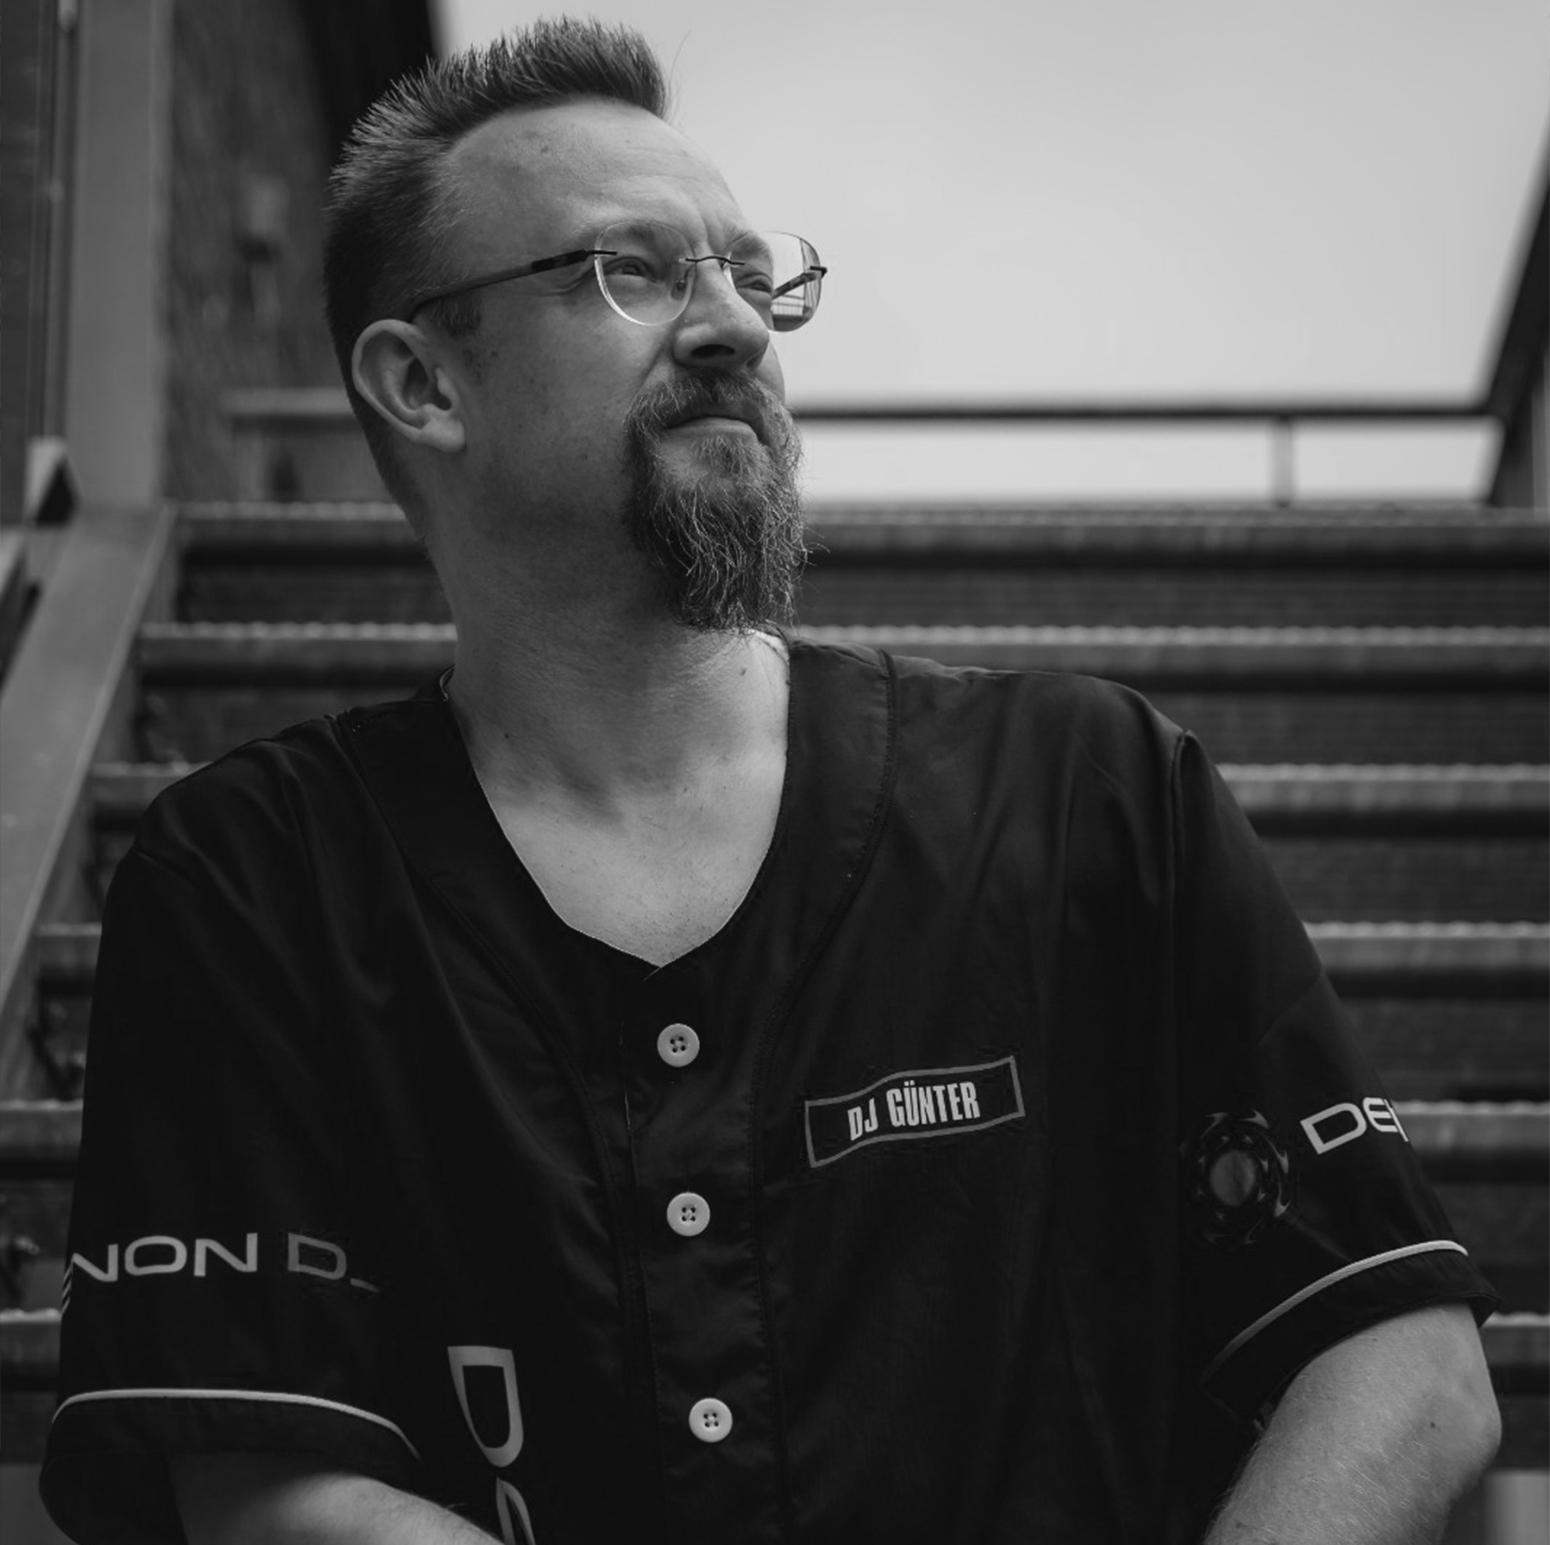 DJ Günther